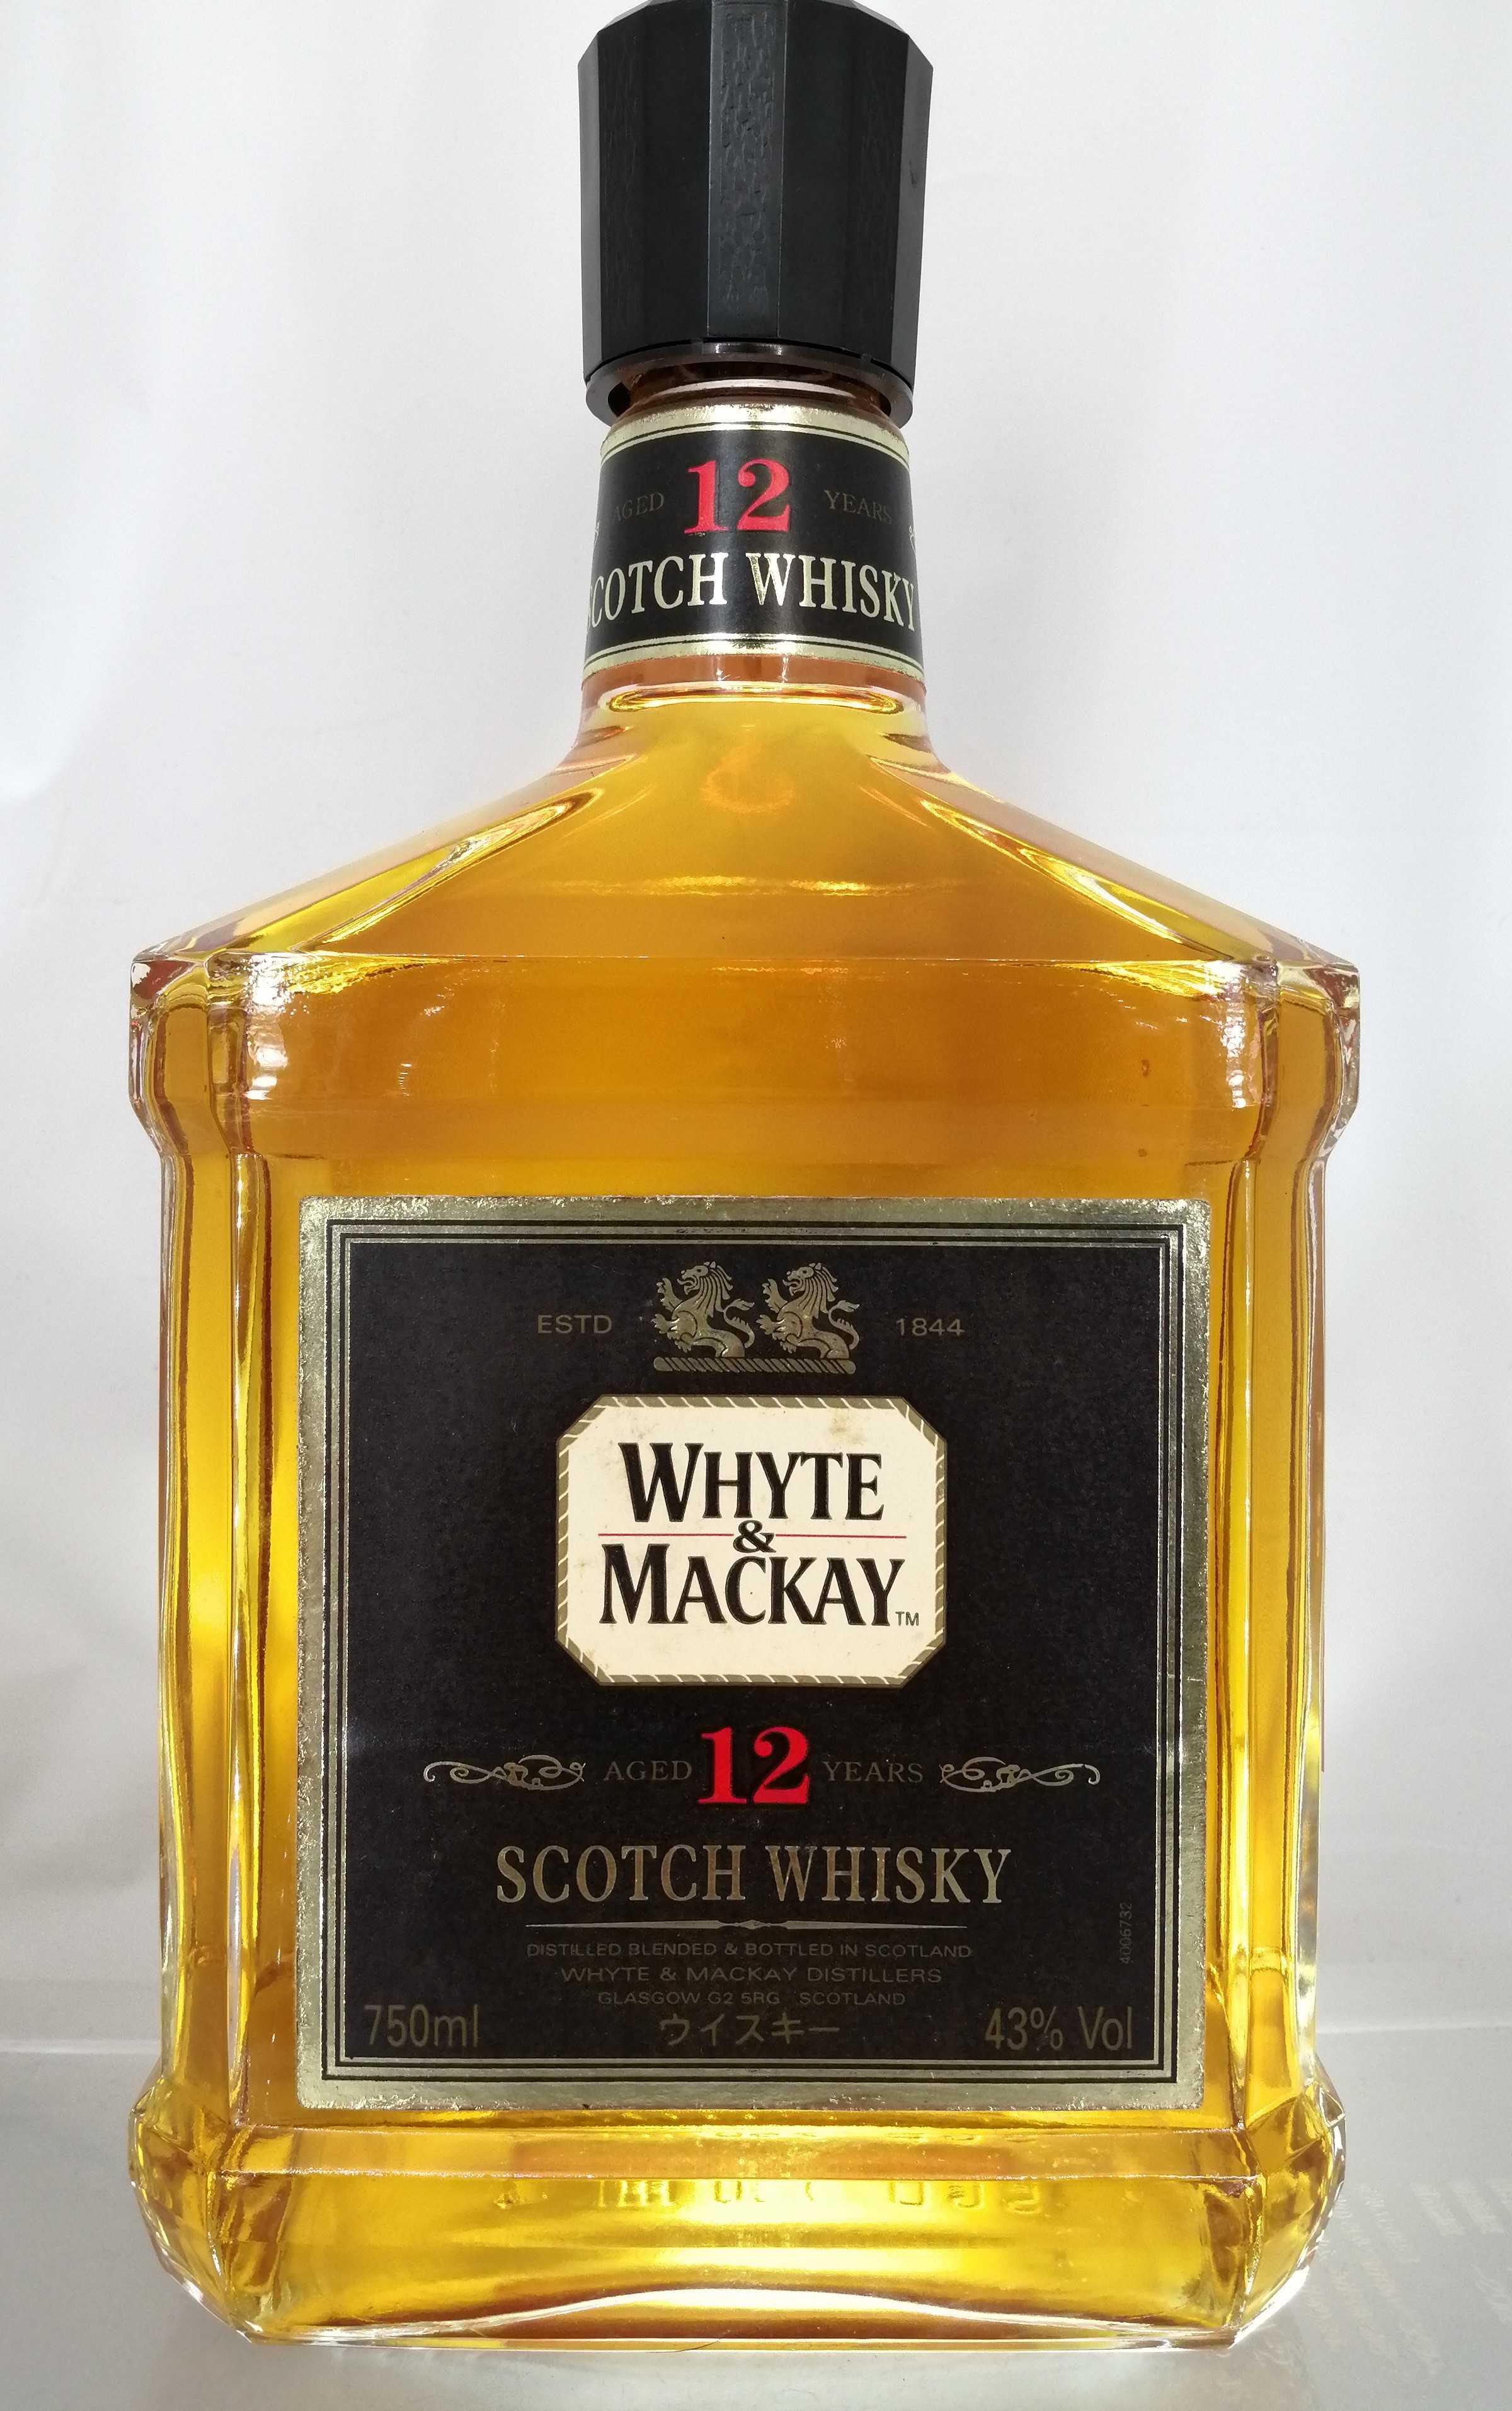 ホワイト&マッカイ12年 WHITE & MACKY